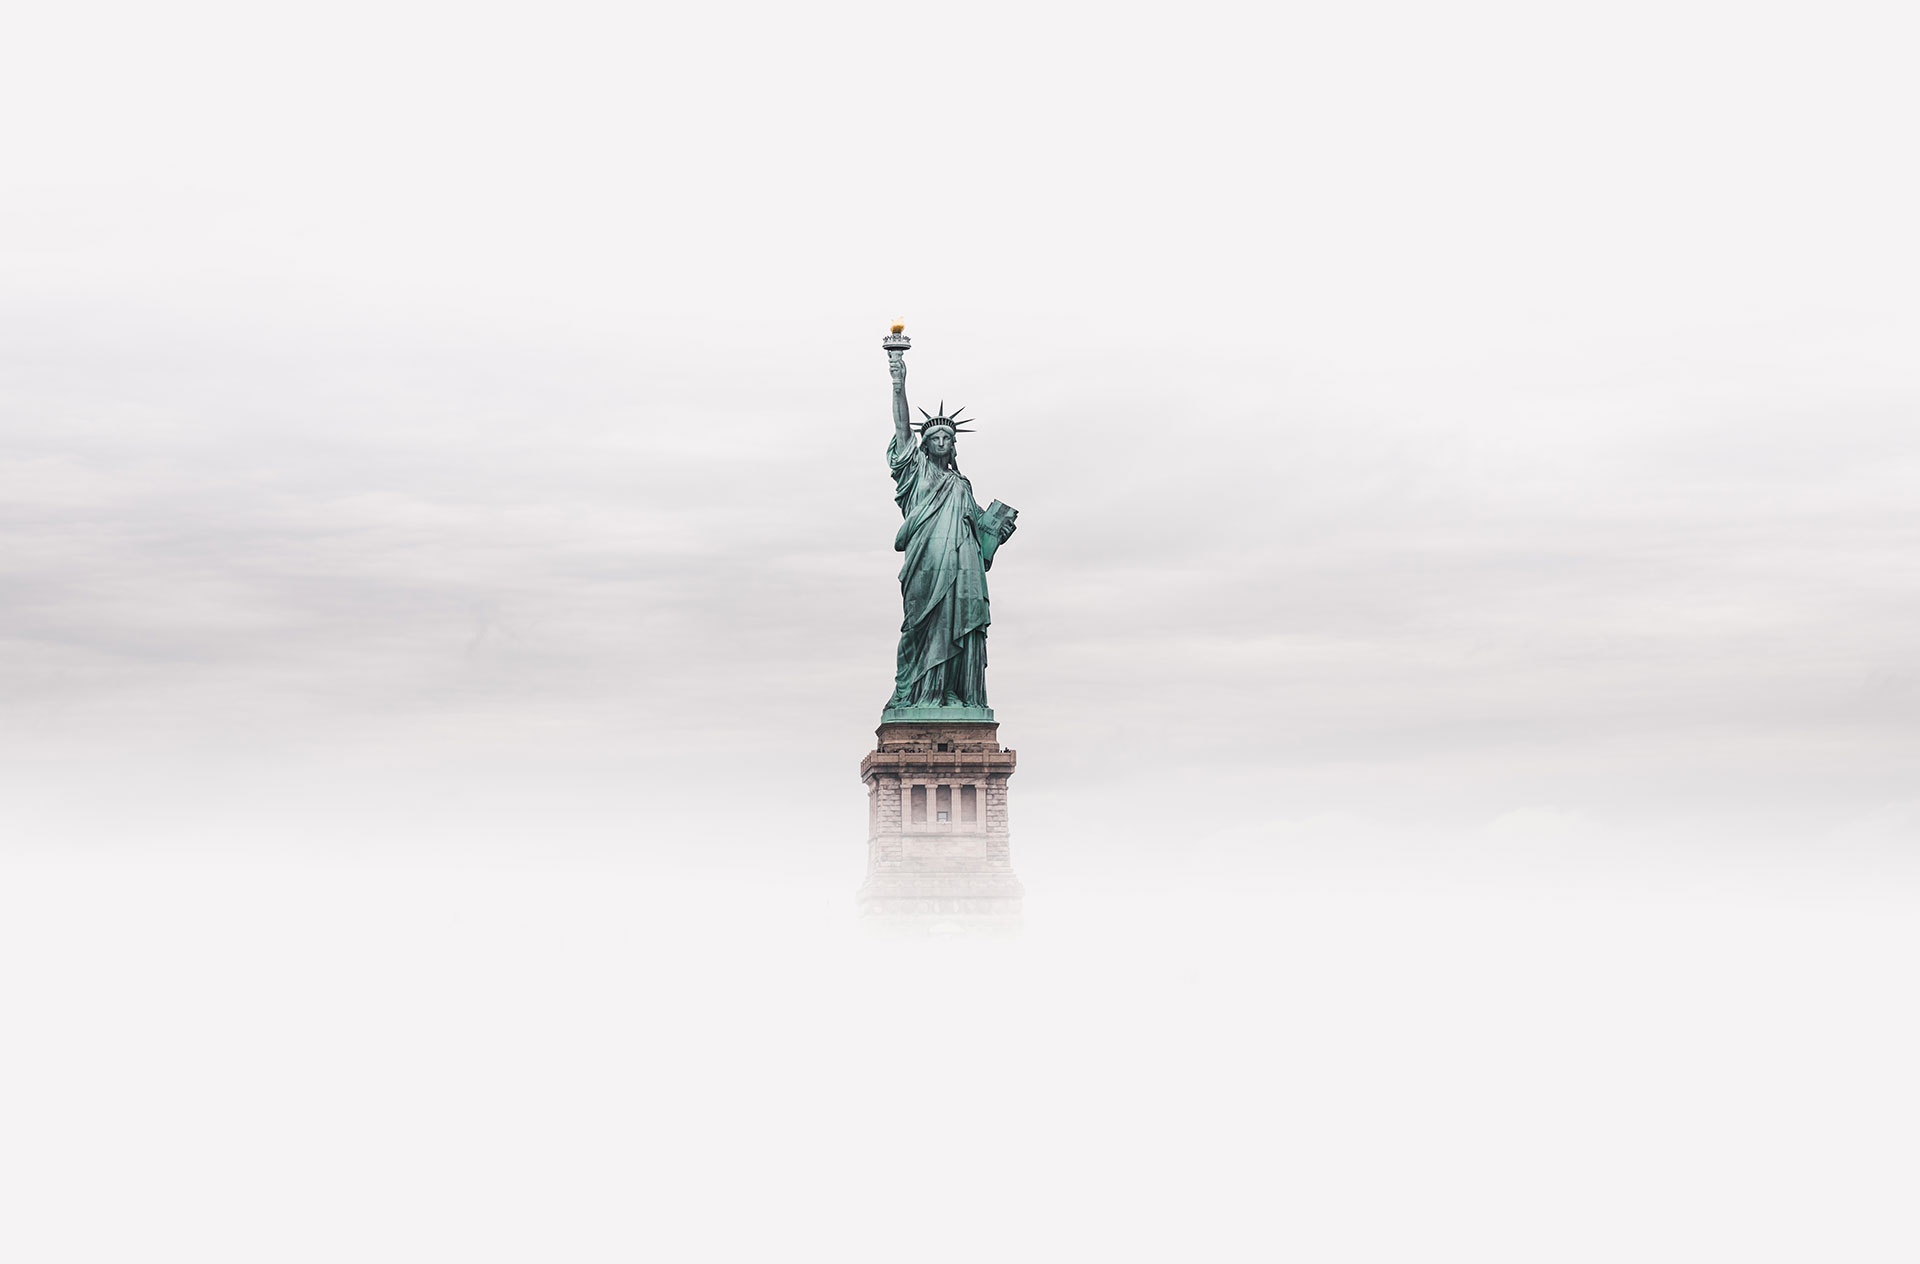 Ảnh tượng nữ thần tự do mờ mịt trong làn sương